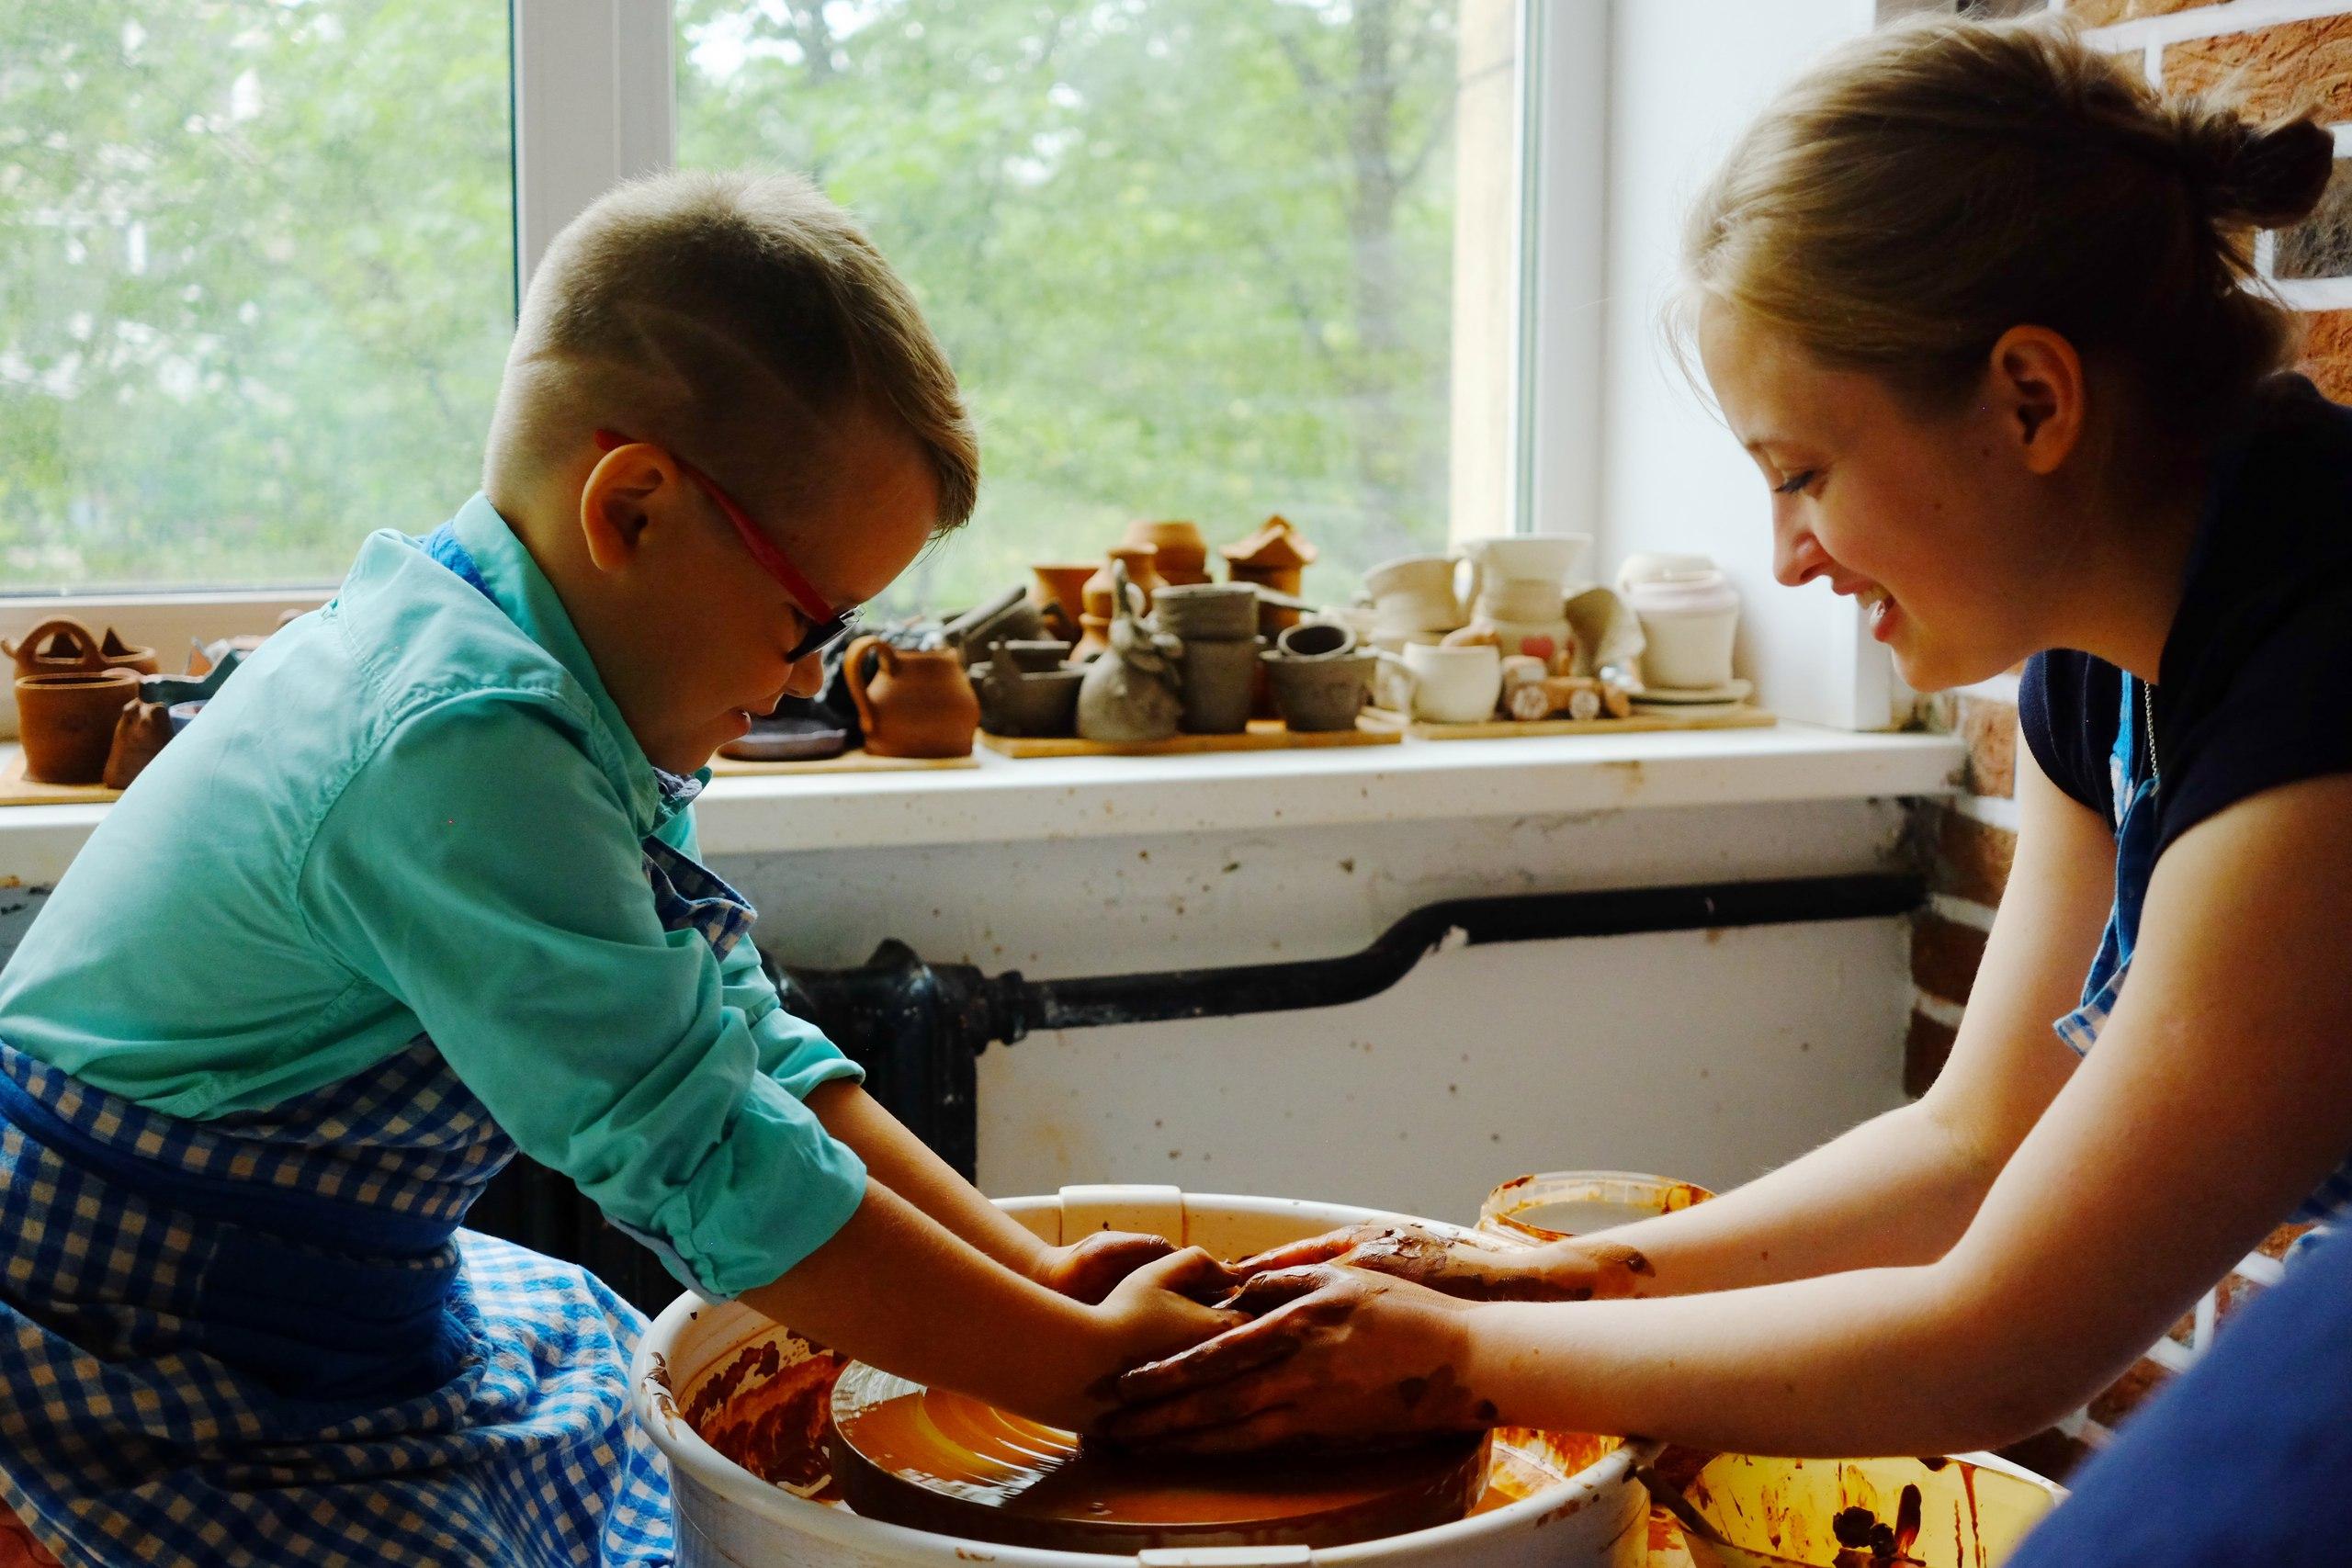 мальчик гончарит с мастером